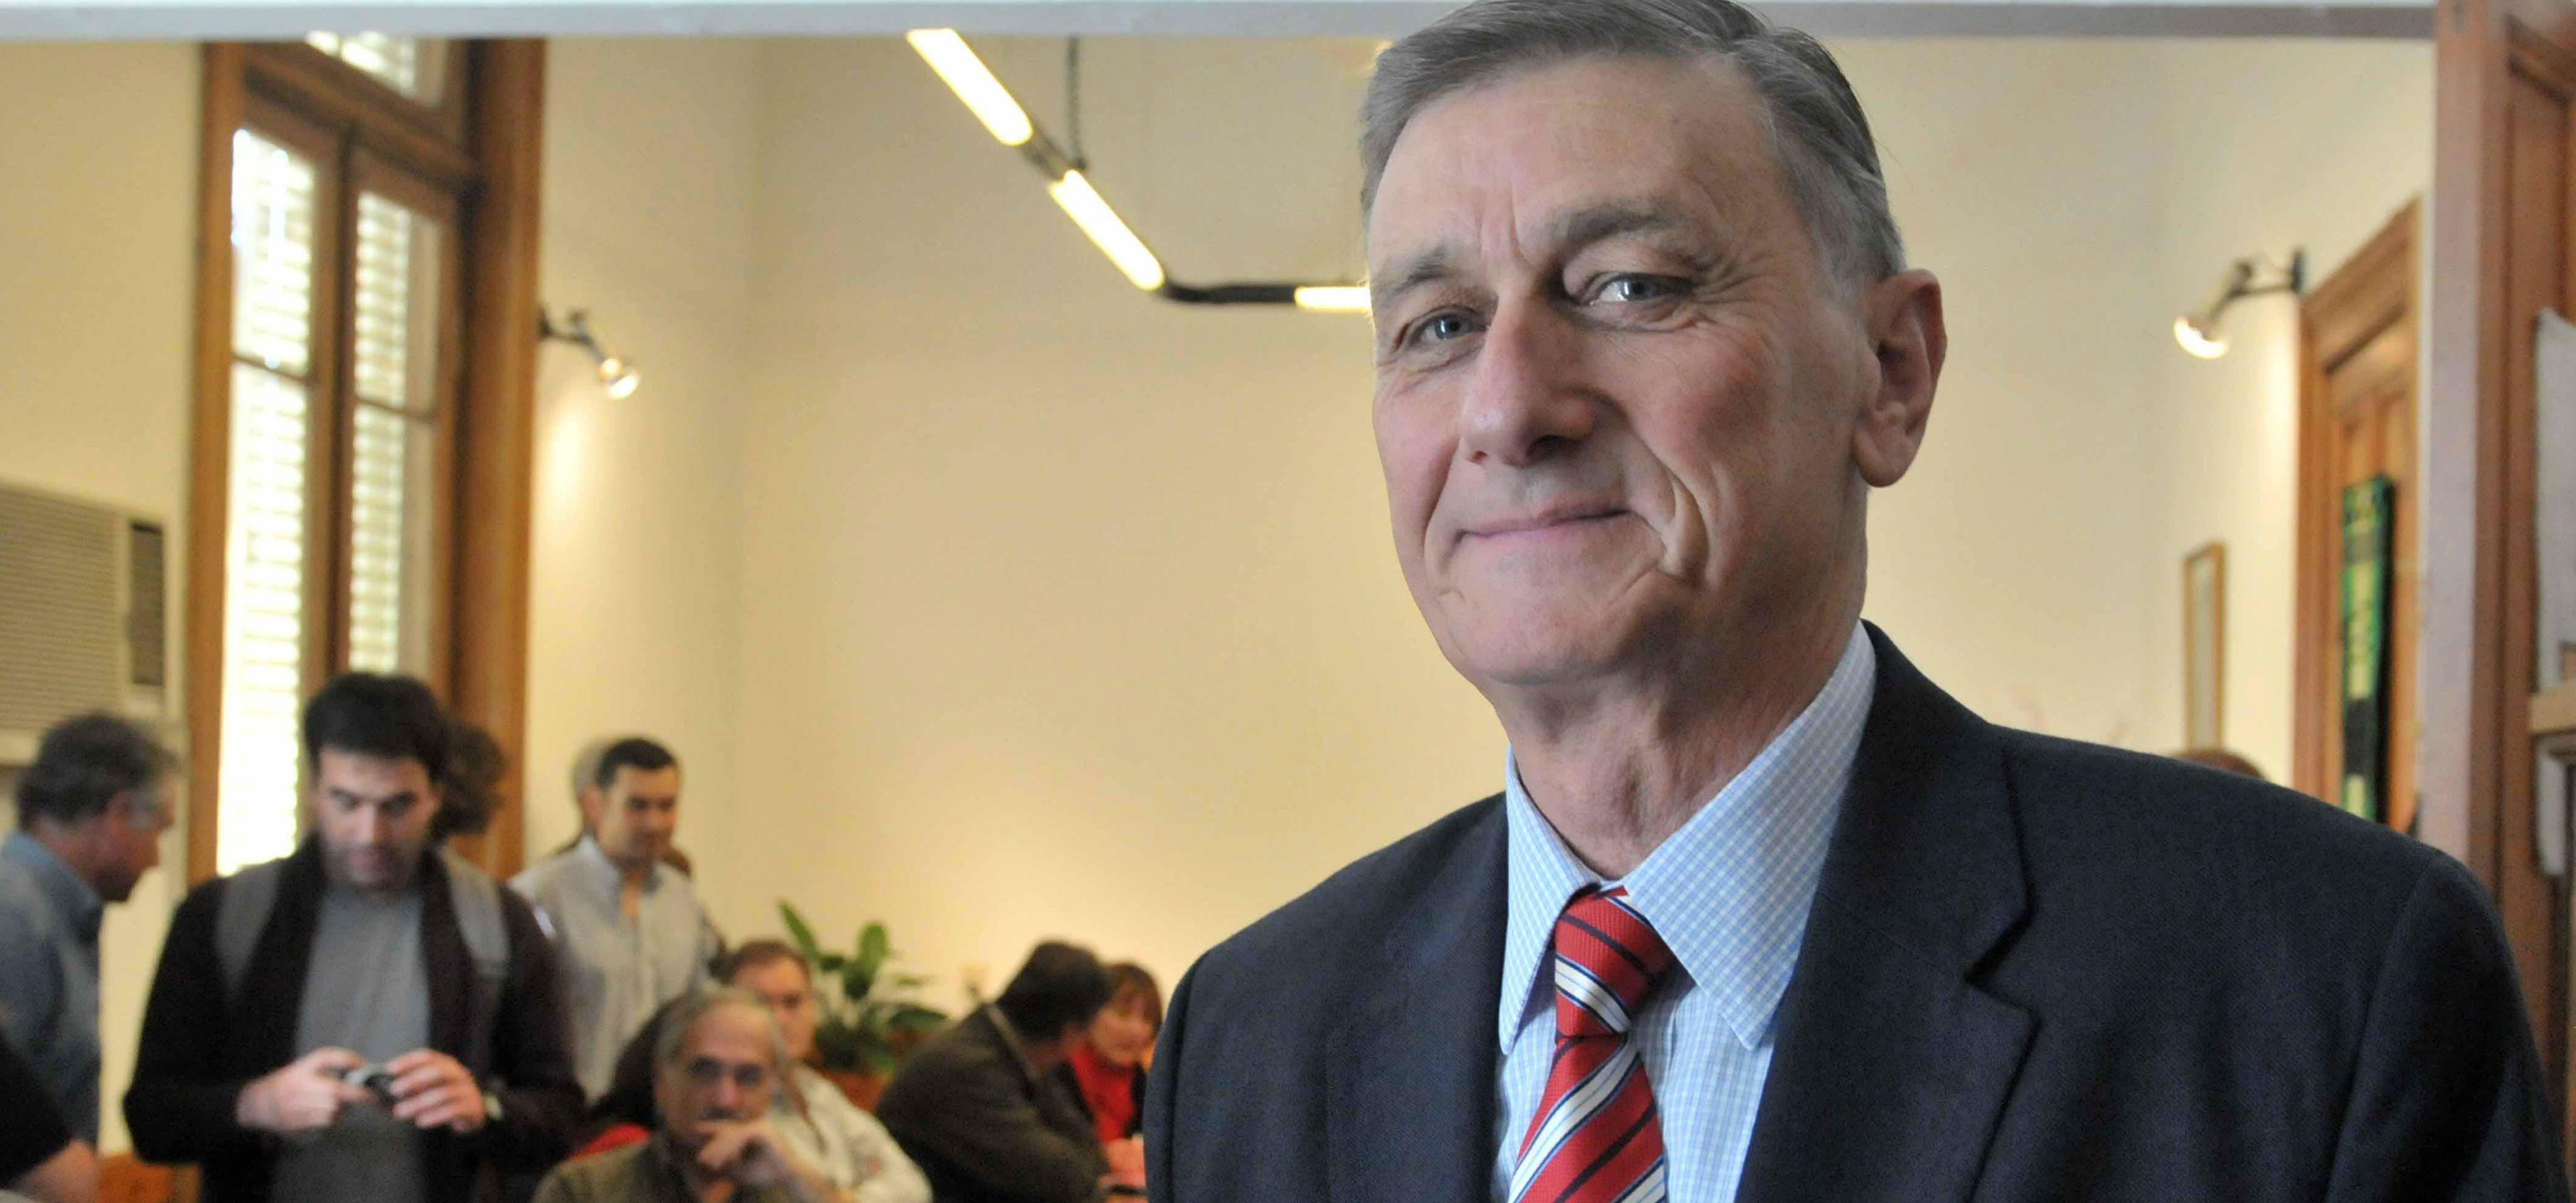 El abogado de Díaz Bessone lo había mencionado al ex gobernador en su alegato al hablar de la complicidad de civiles.